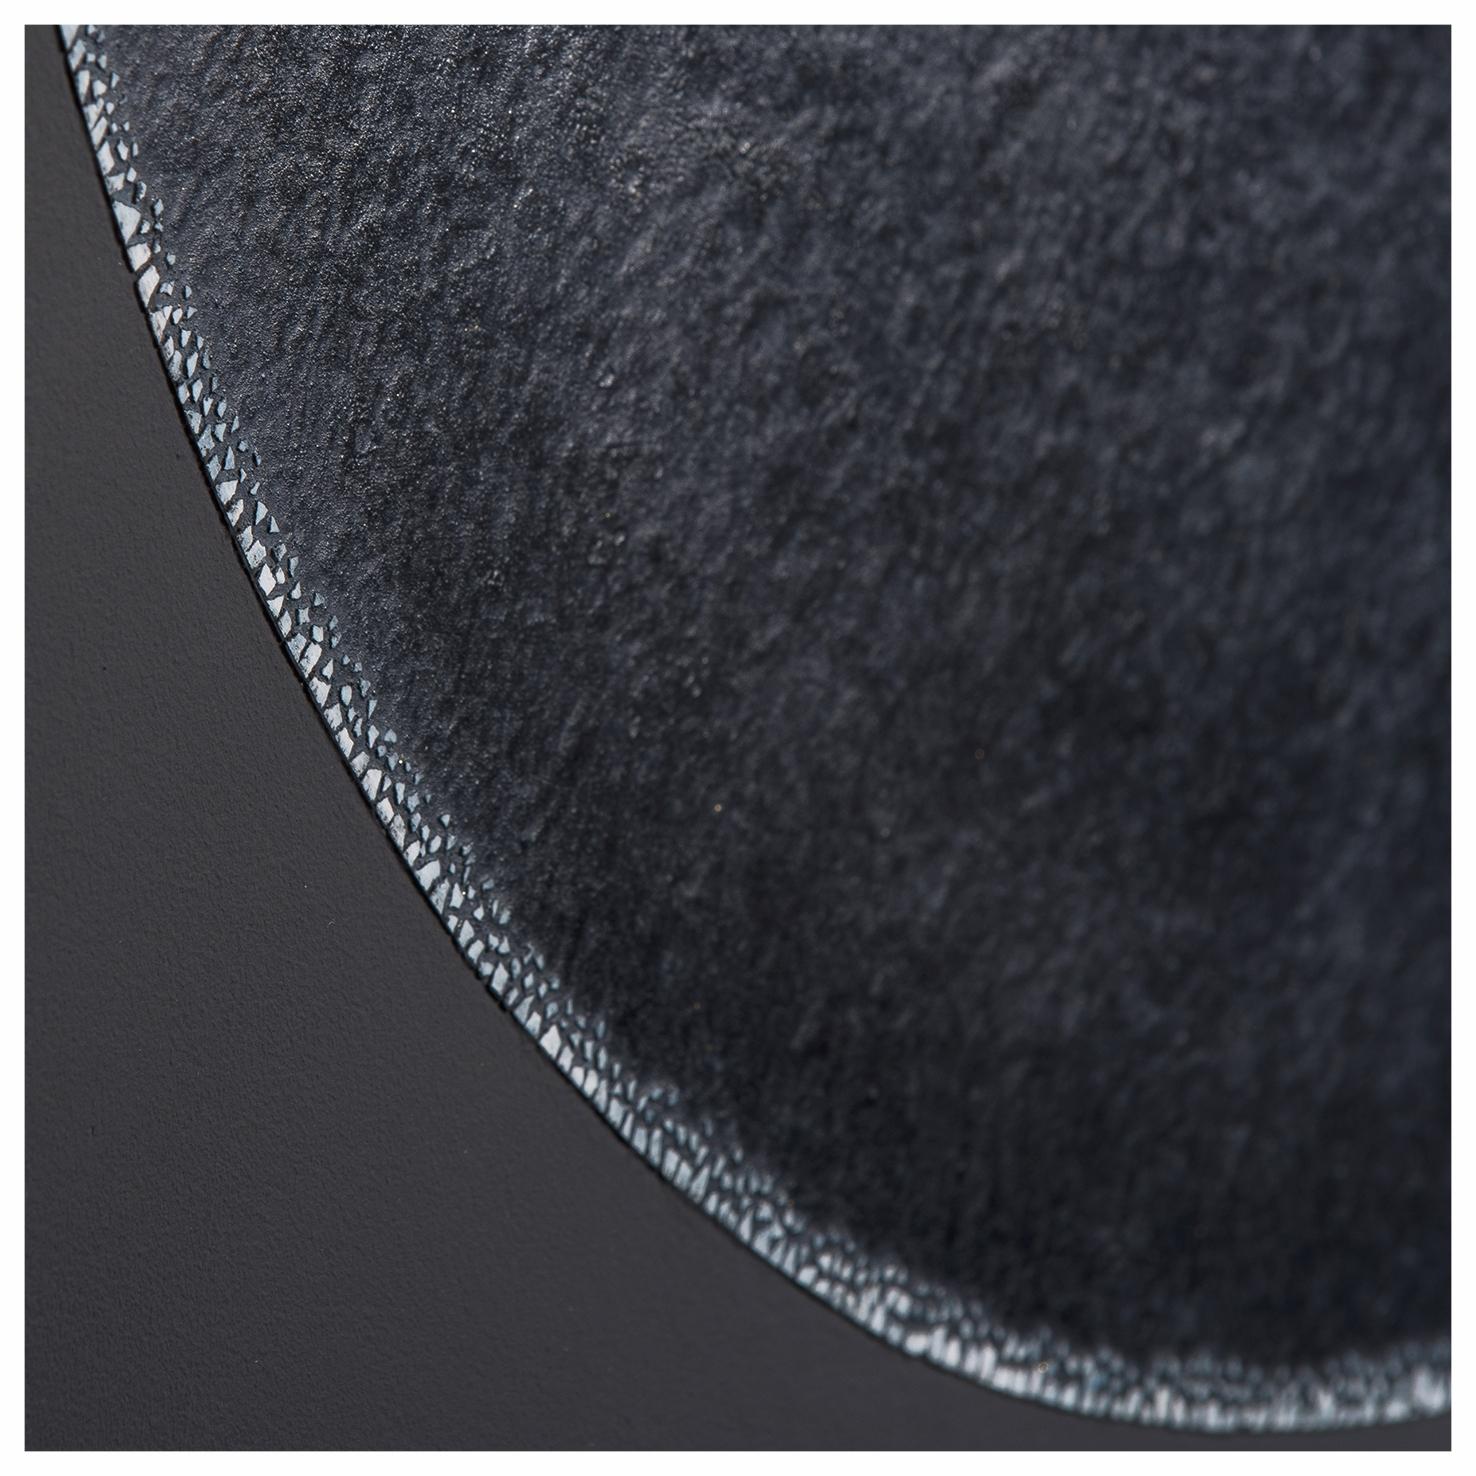 Eclipse de Lune - Laque finition cirée, détail incrustation de coquilles d'œufs - Dimension : 60 x 90 cm